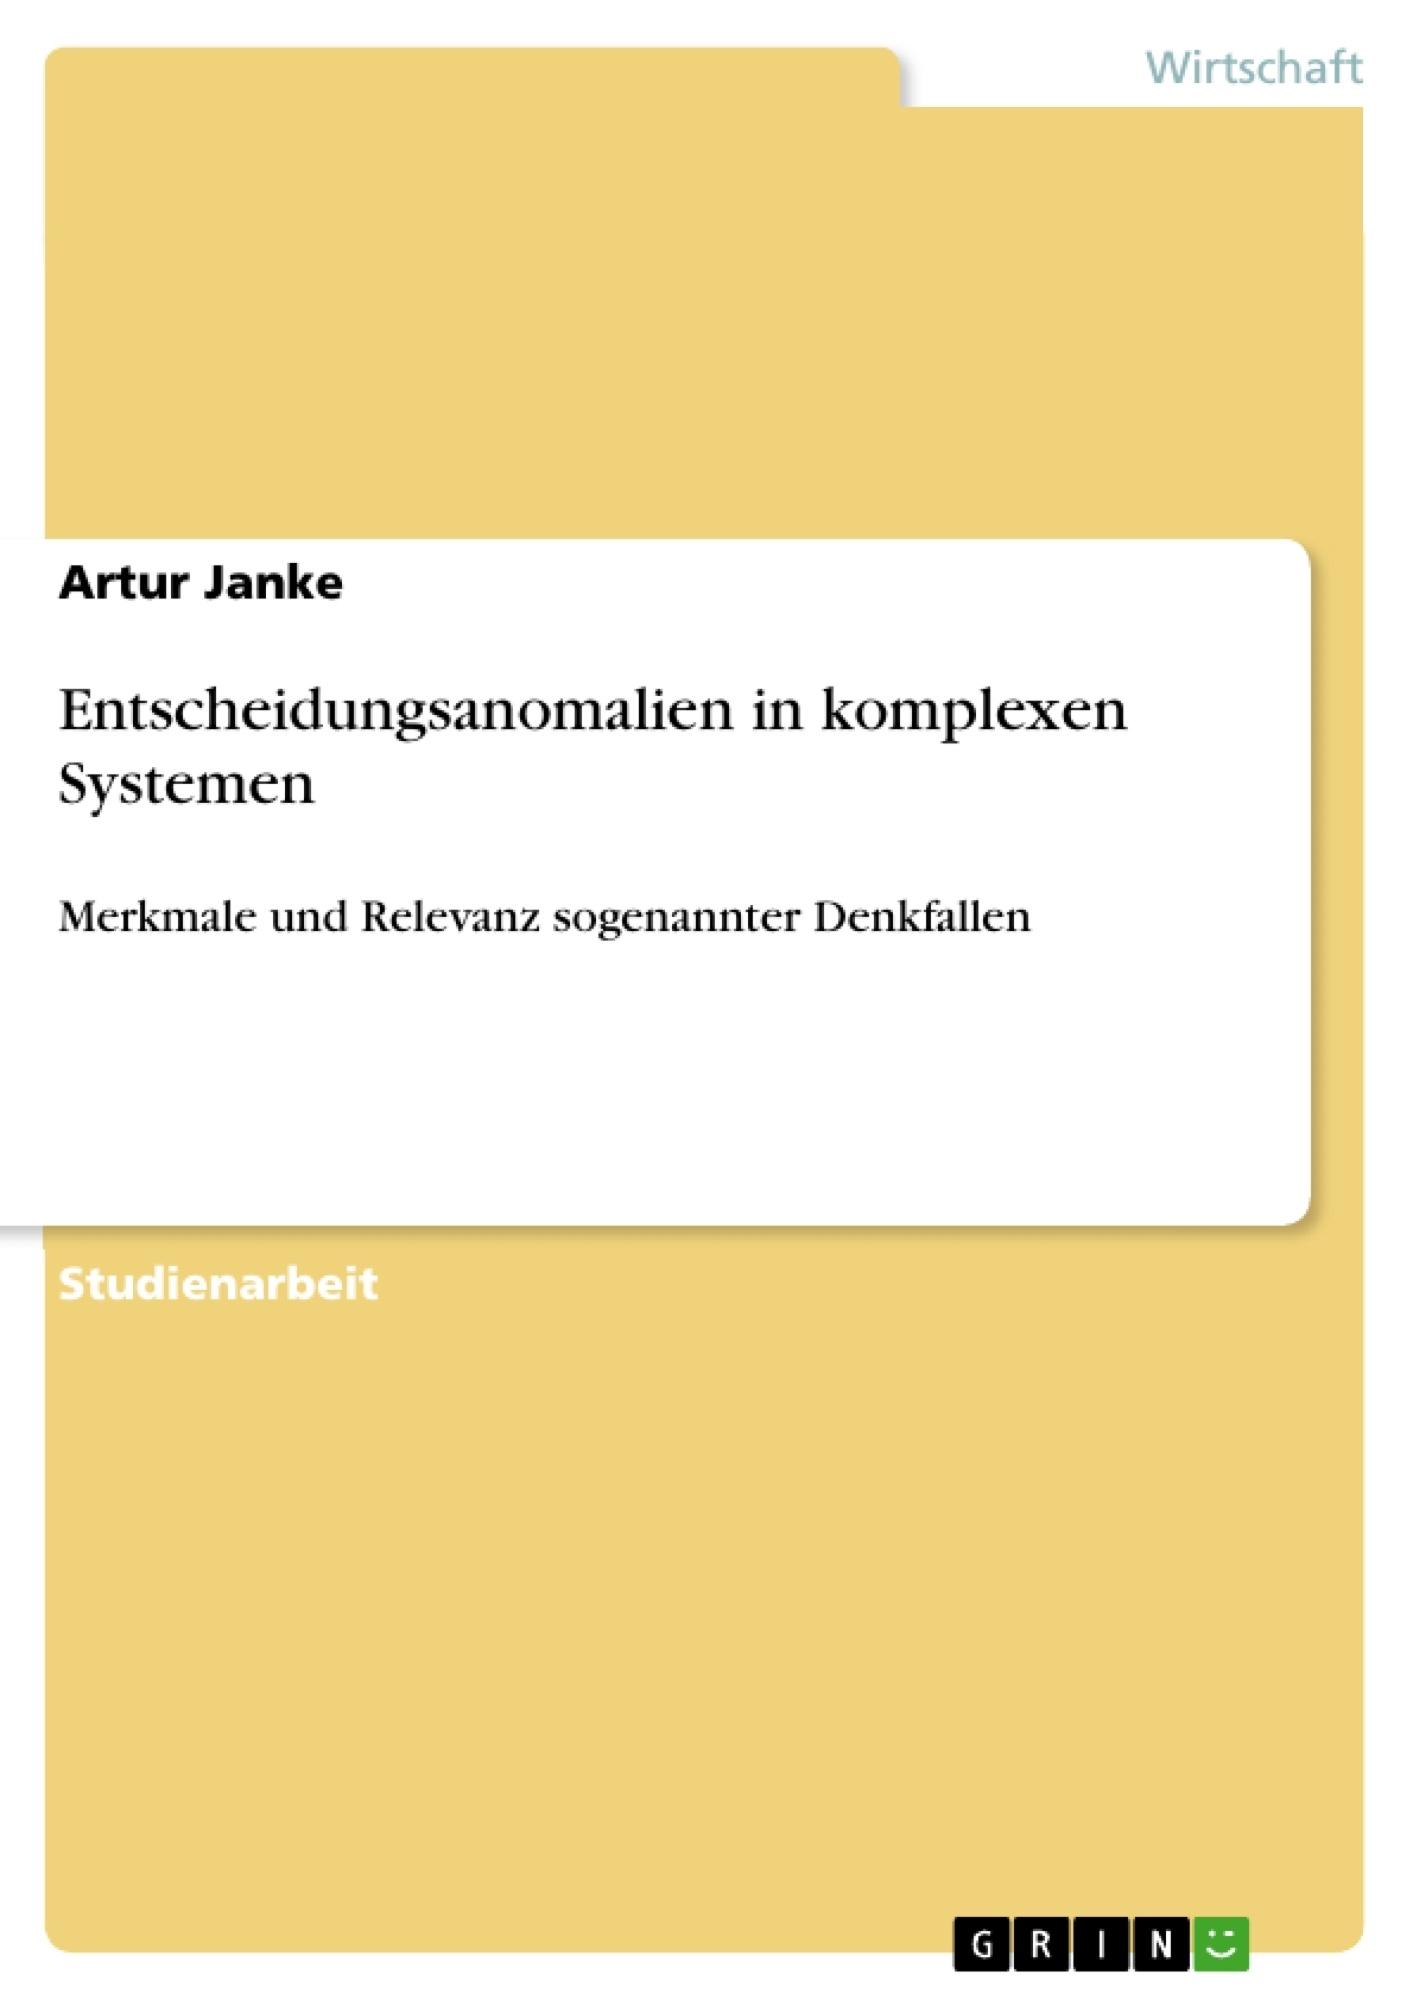 Titel: Entscheidungsanomalien in komplexen Systemen